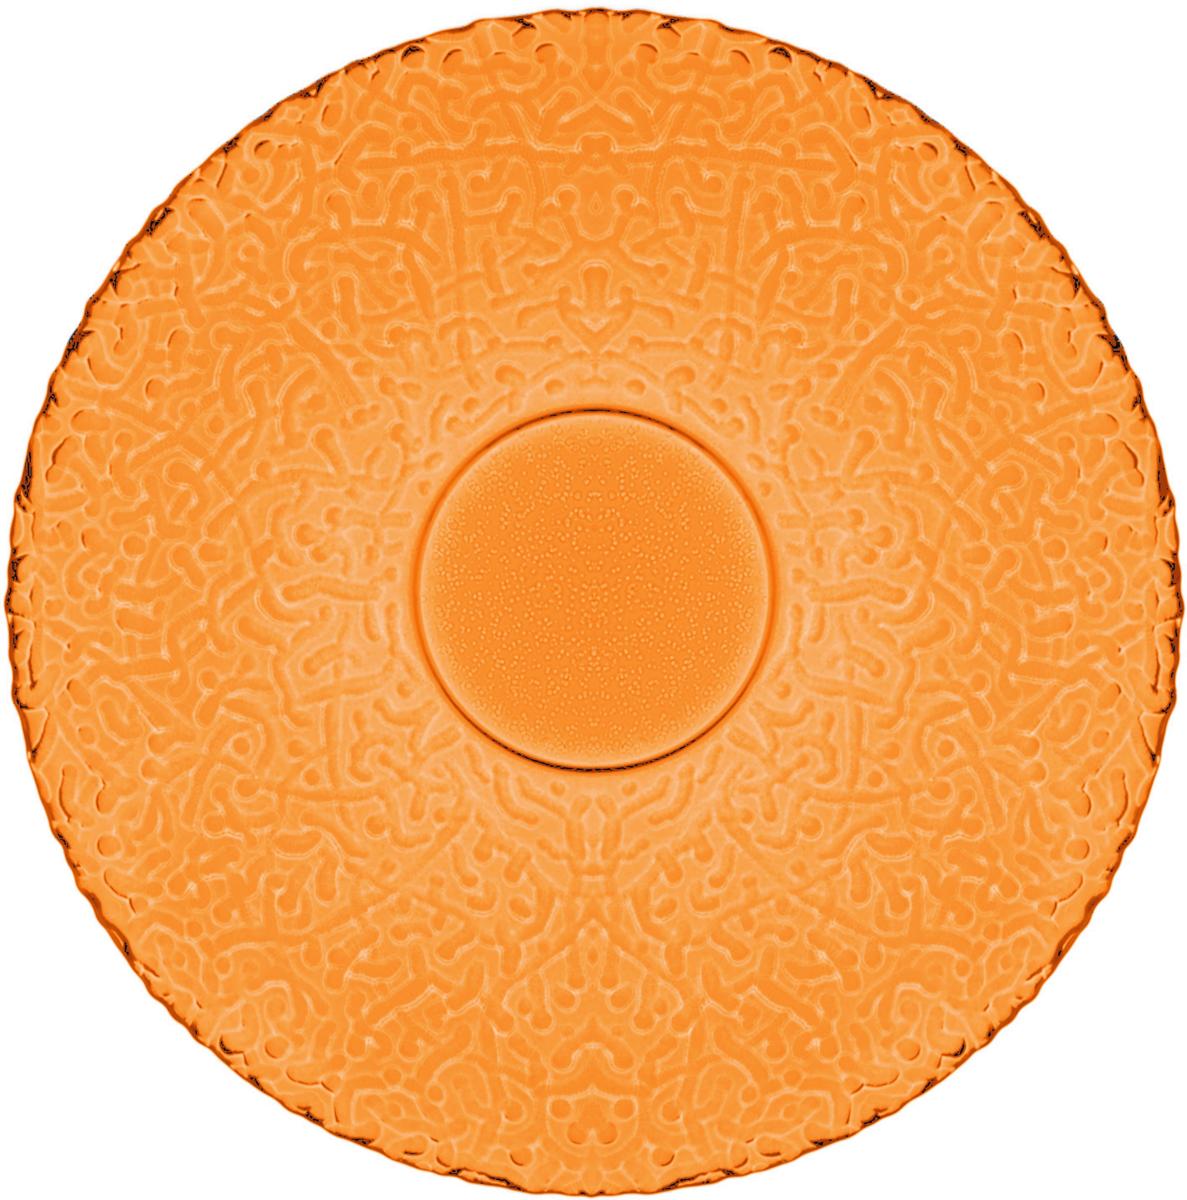 Тарелка десертная Nina Glass Ажур, цвет: оранжевый, диаметр 21 смNG83-070OСтеклянная посуда Никольского завода светотехнического стекла, известная под торговой маркой NinaGlass, успешно продается в российских магазинах. Продукция выглядит презентабельно, ассортимент весьма широк. Яркие, емкие, приятные тактильно салатники будут шикарно смотреться на обеденном столе. Салатники и блюда предназначены для сервировки стола. Пригодны для ежедневного использования.Цветные салатники и тарелки NinaGlass нельзя использовать в СВЧ и мыть в ПММ.